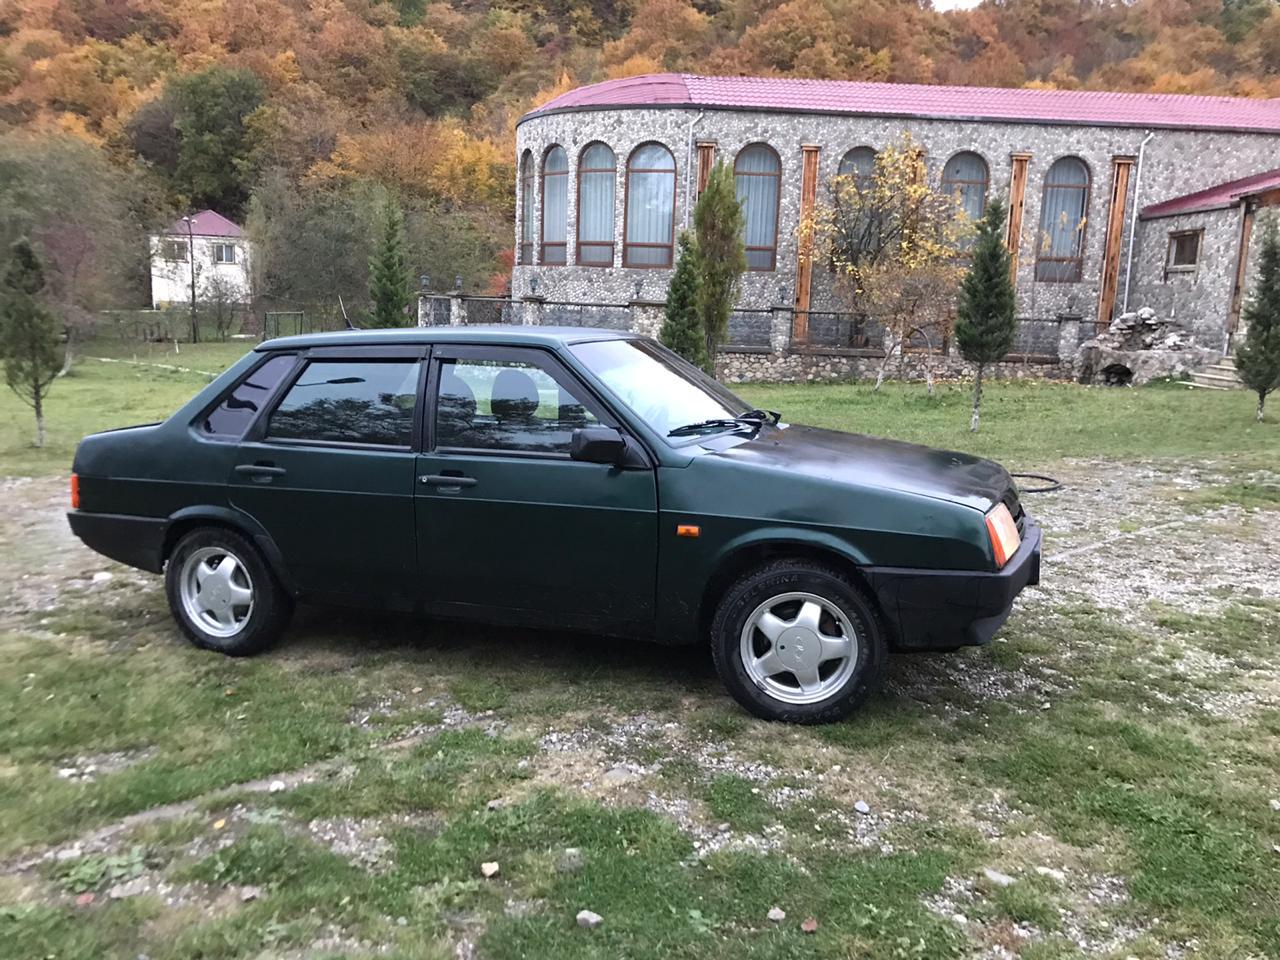 VAZ 21099 1.5(lt) 2004 İkinci əl  $3300